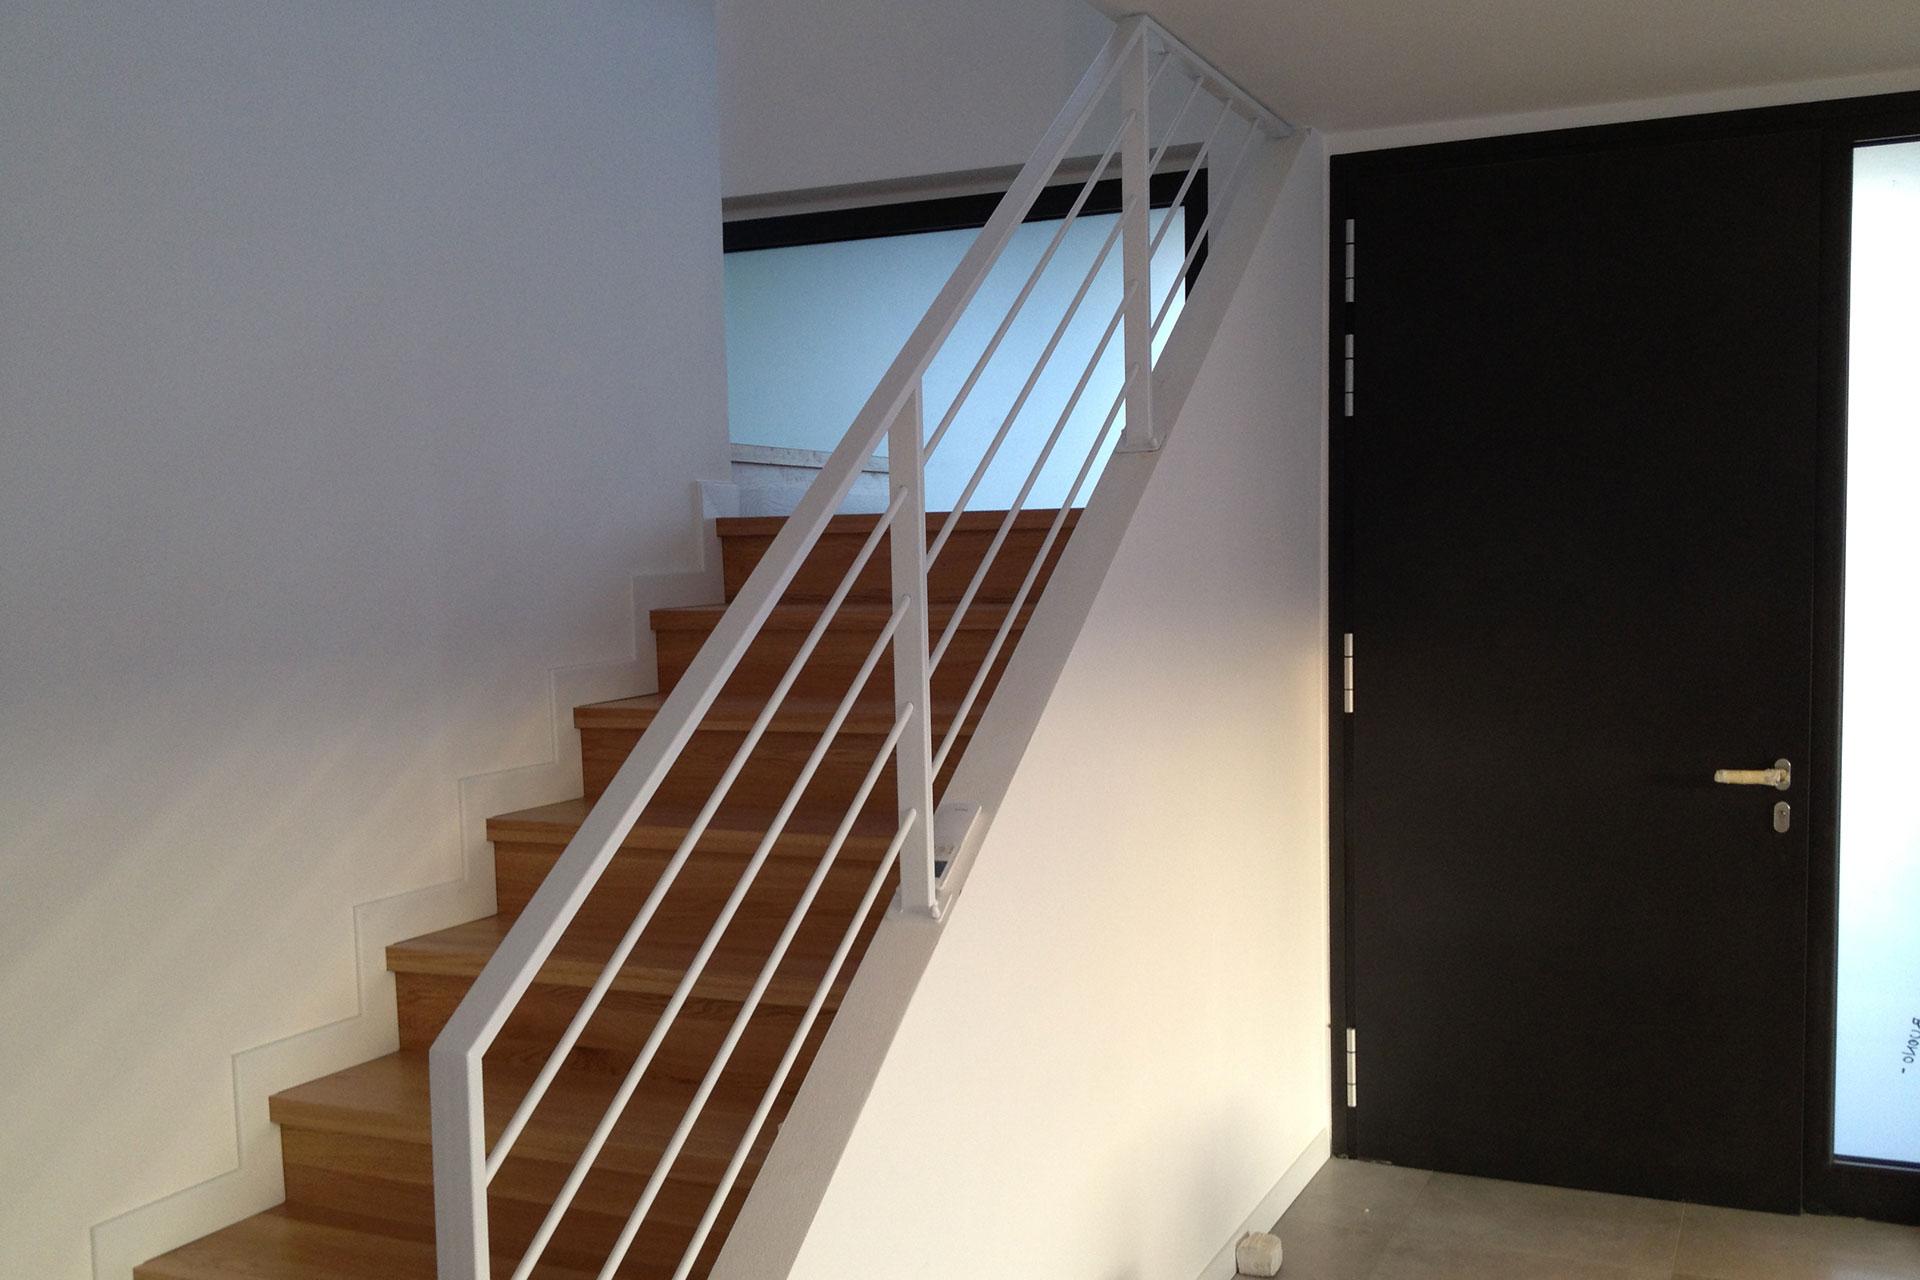 cancelli recinzioni carpenteria metallica albo serramenti casa